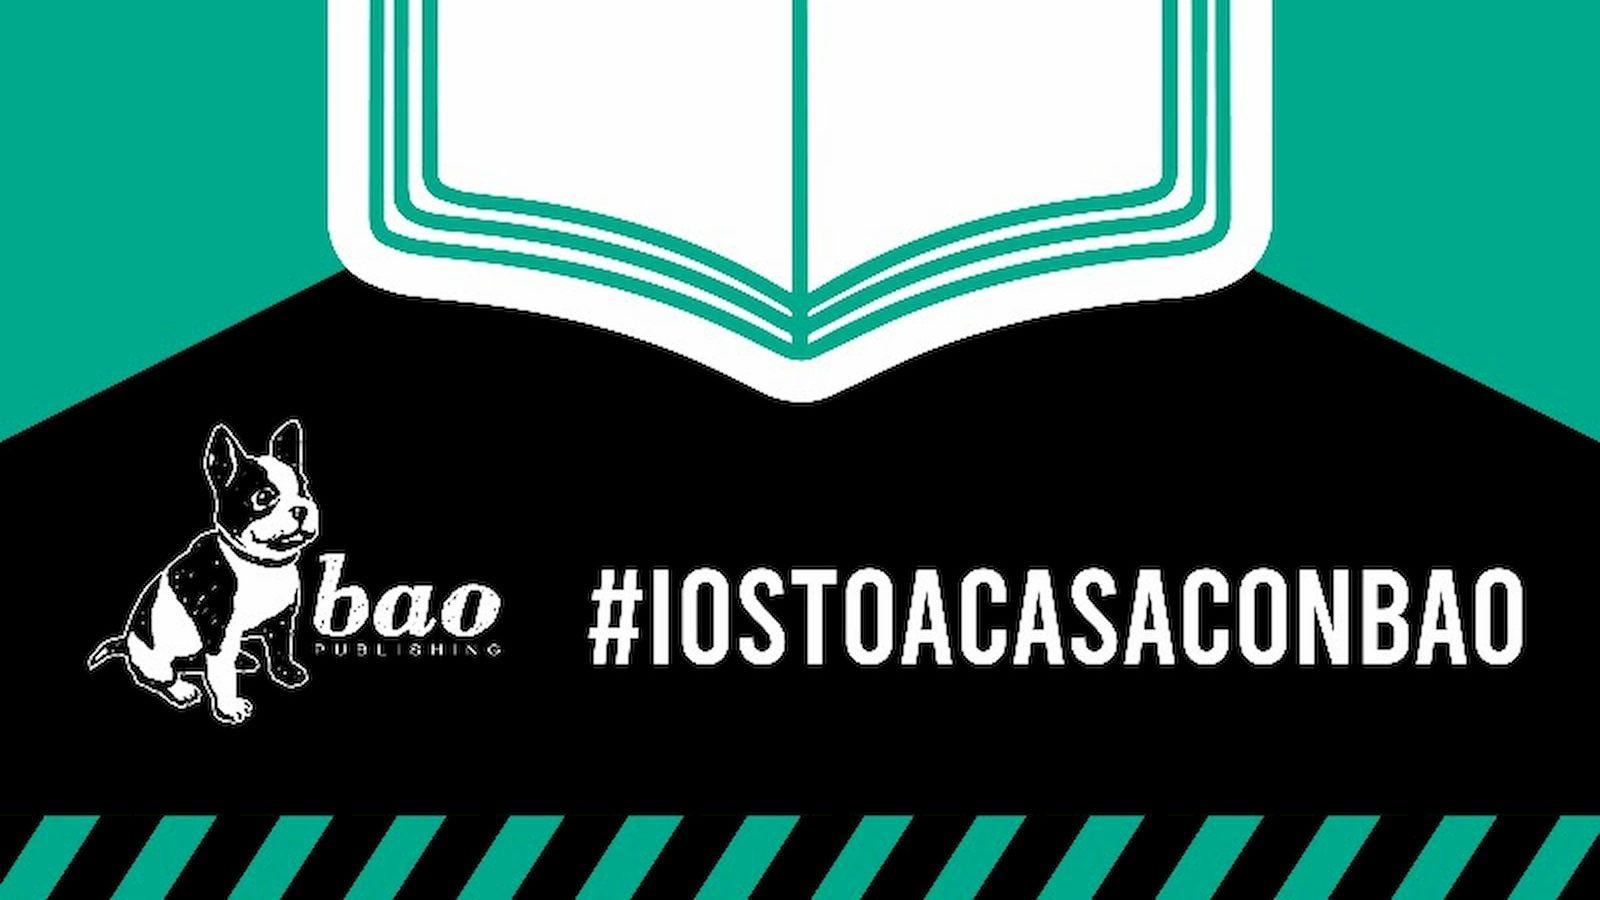 Nuove iniziative per i lettori BAO Publishing thumbnail